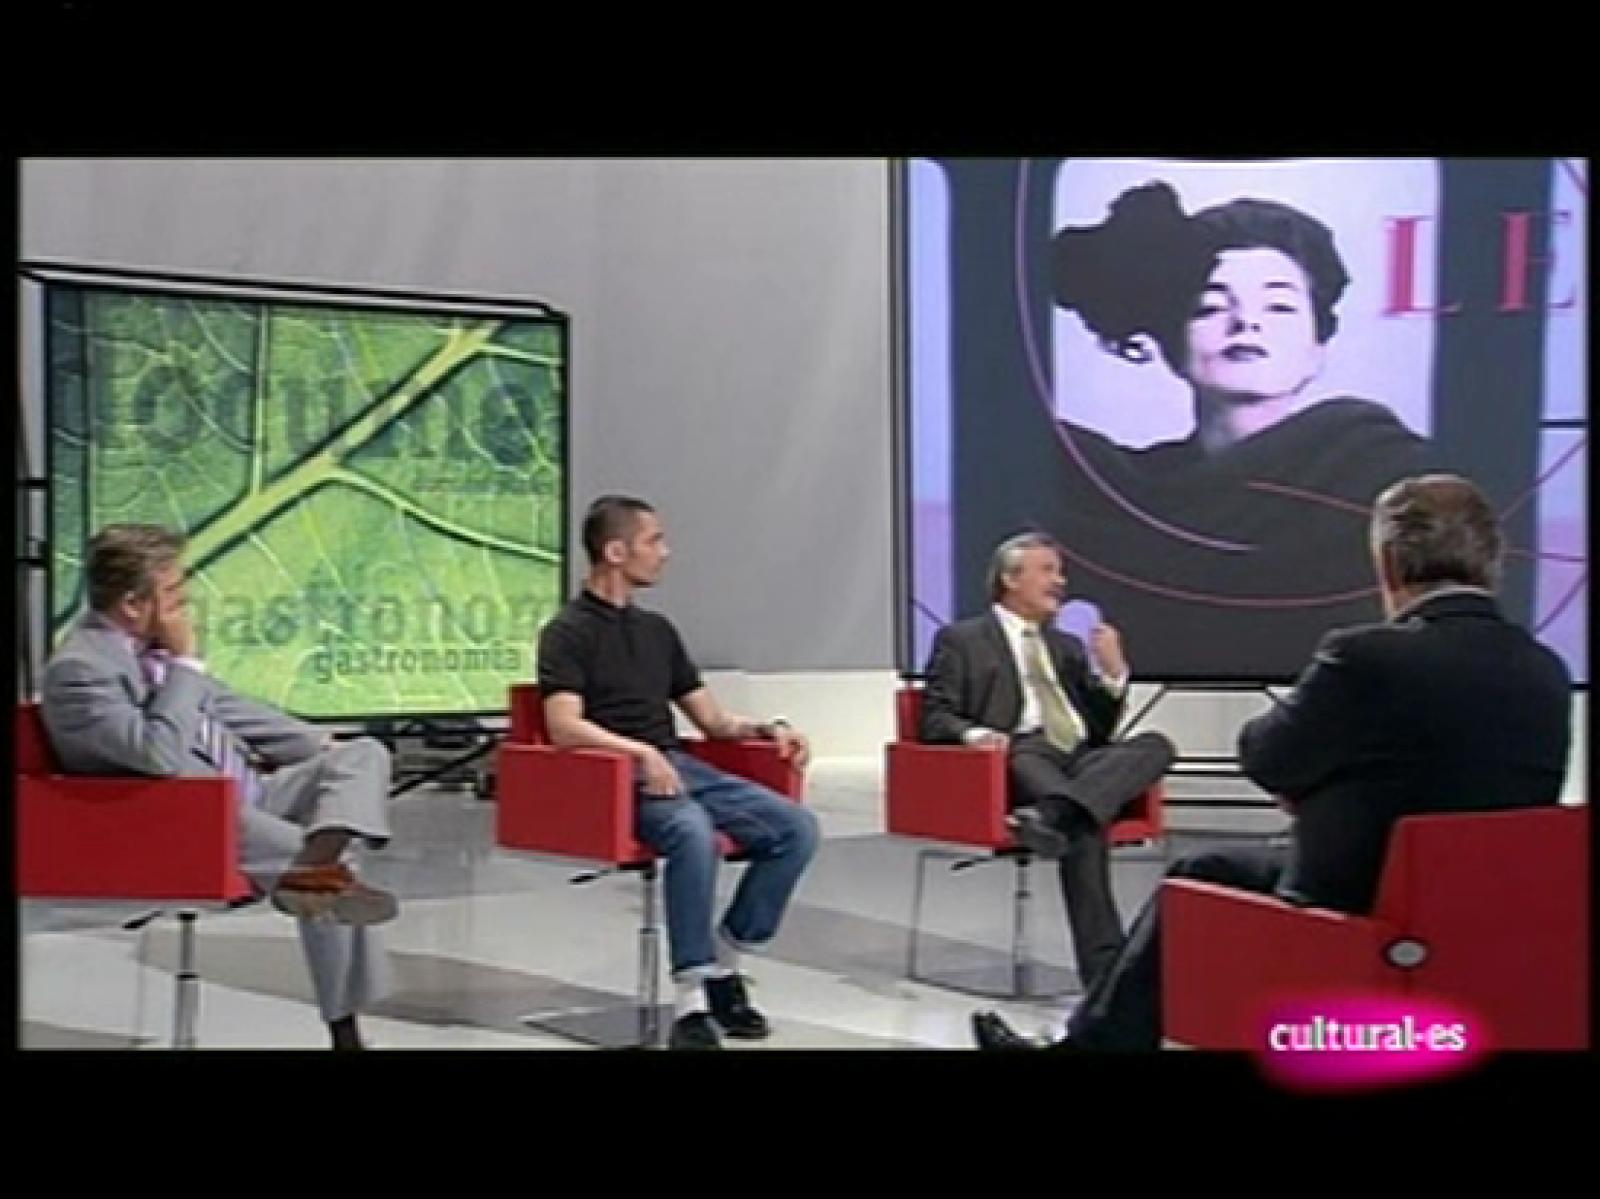 00f2cb68508b Los debates de Cultural.es - 04 06 09 - RTVE.es